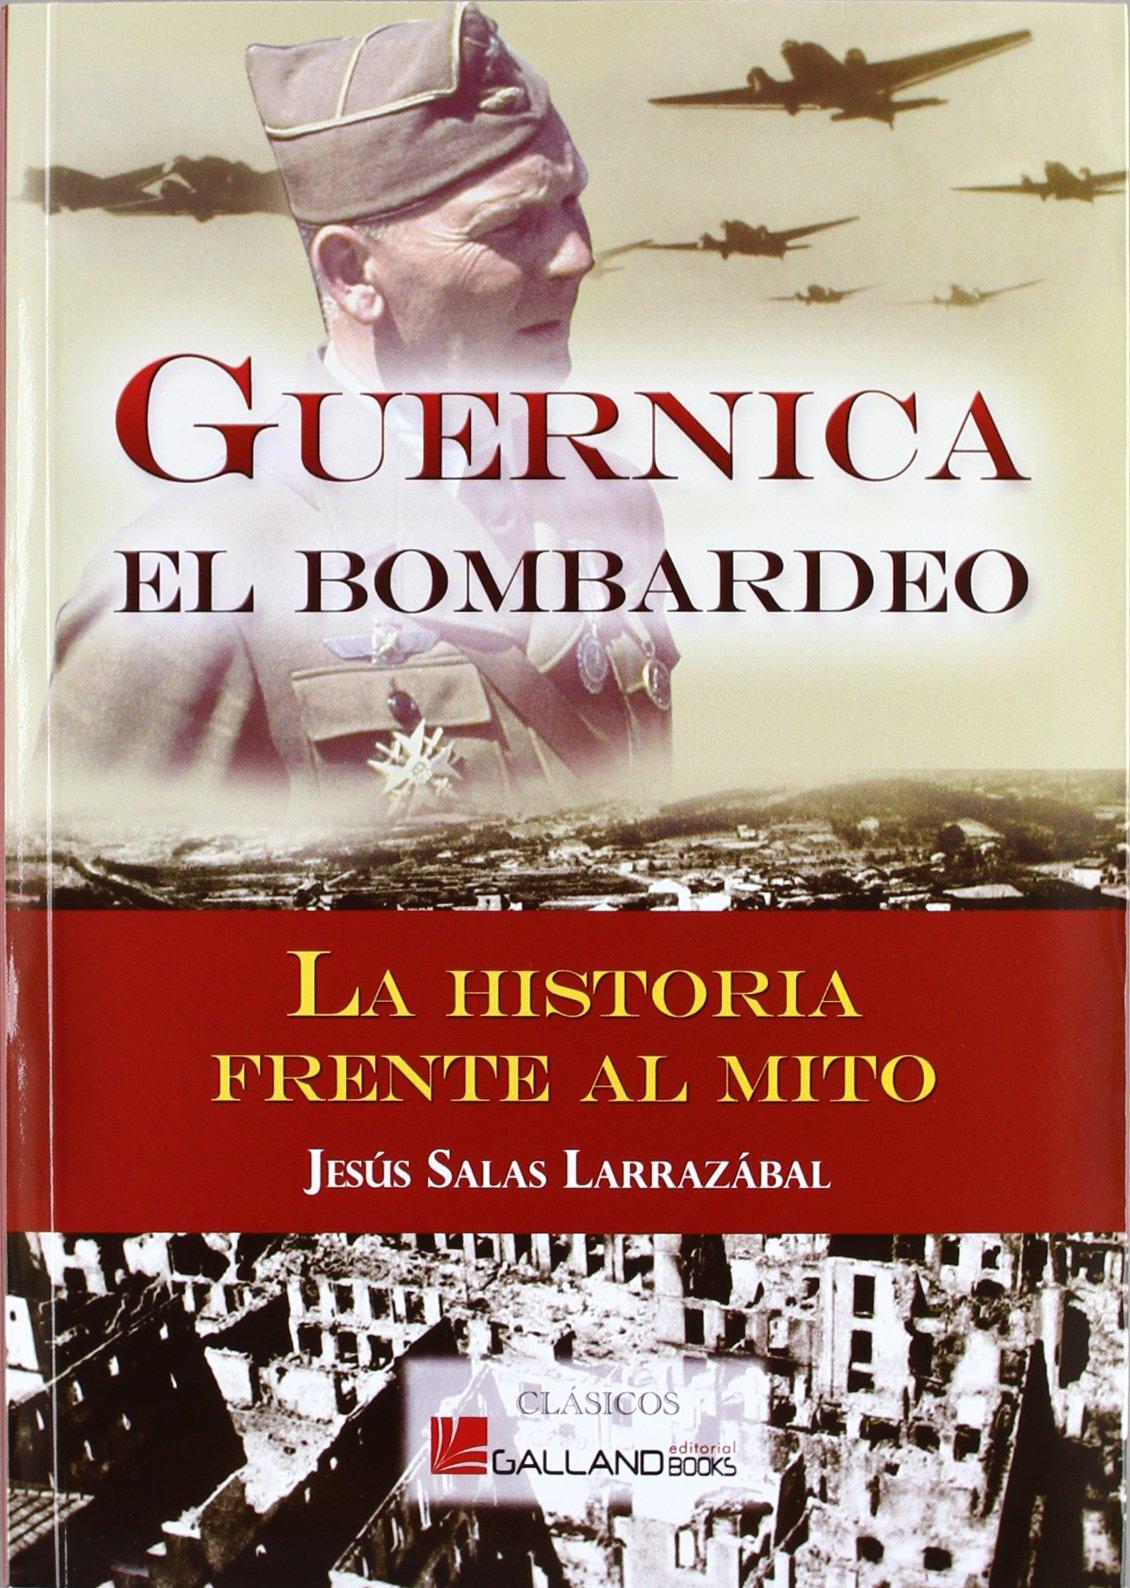 Guernica - el bombardeo - la historia frente al mito Clasicos galland Books: Amazon.es: Salas Larrazabal, Jesus Mª.: Libros